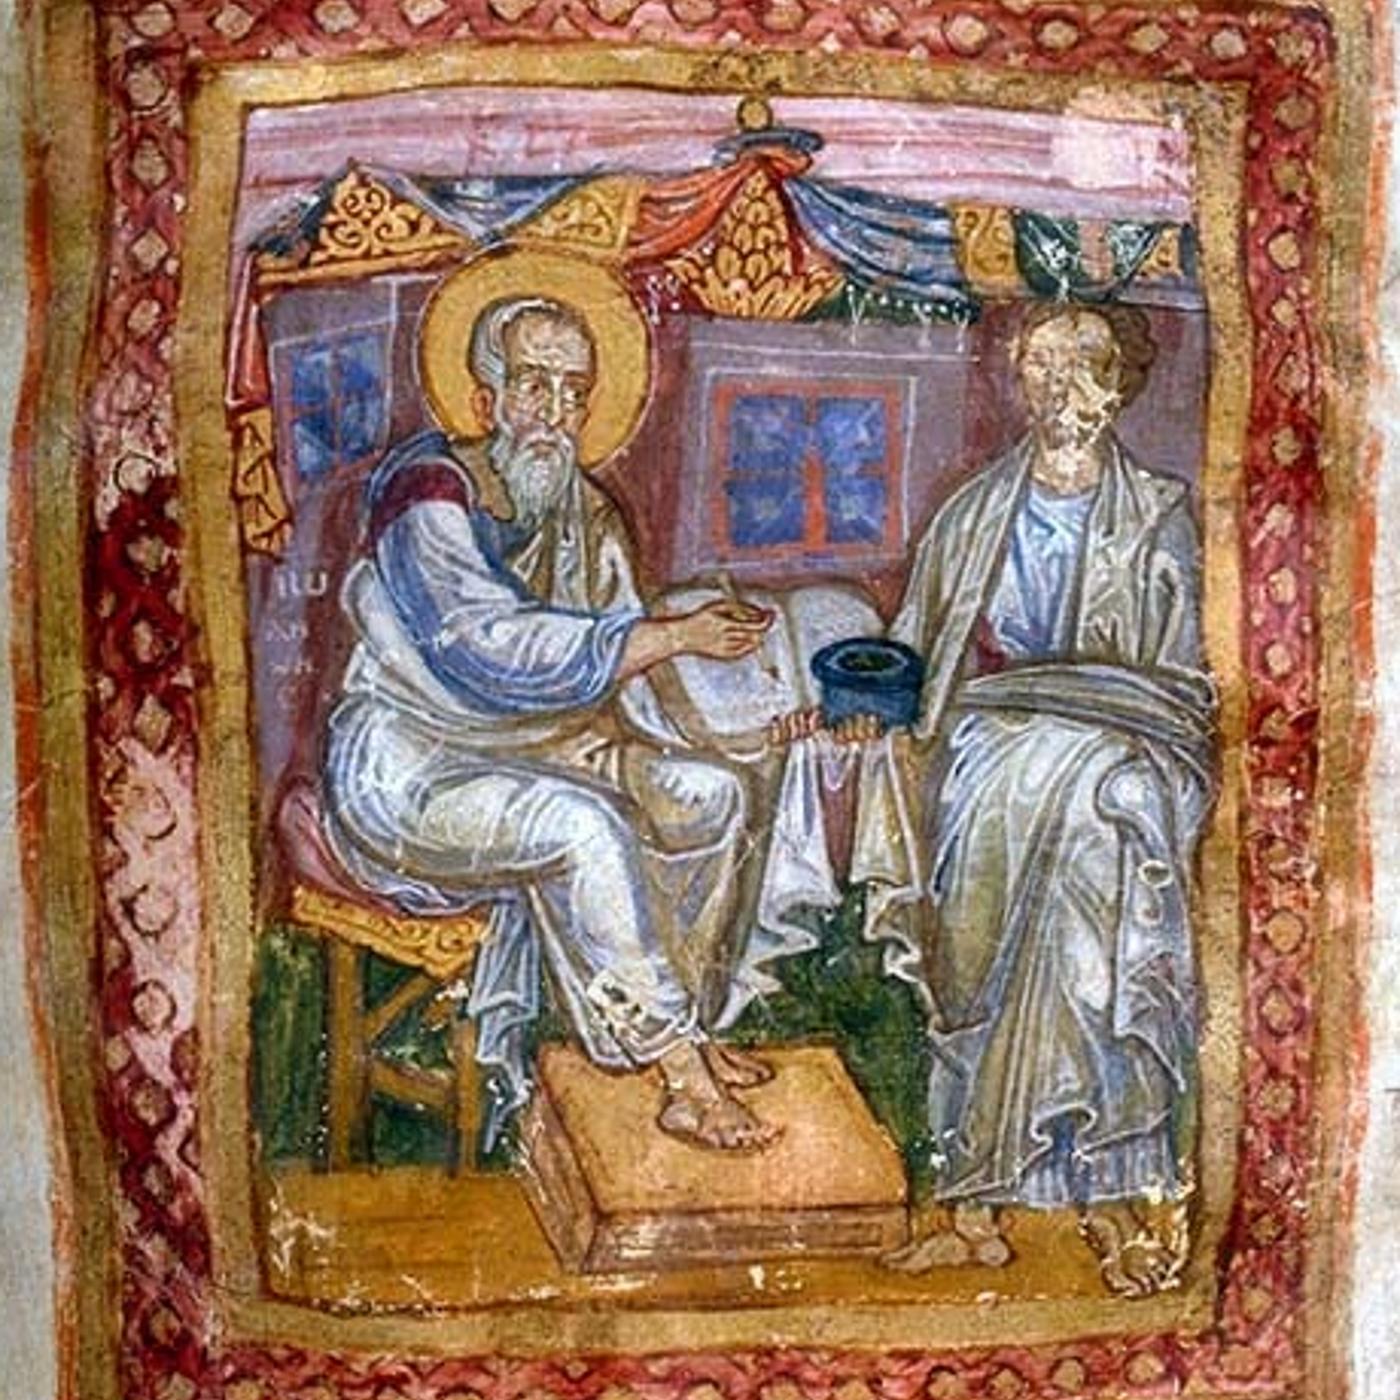 上图:11世纪所画的使徒约翰(左)与马吉安(右;Marcion of Sinope,主后110-160年)。马吉安热心传福音和慈善事工,但在罪与苦难困扰之下发展出善恶二元论的神论与基督论,主后144年被罗马教会控为异端。马吉安是第一位尝试编辑《新约》正典的人,他拒绝旧约,所编辑的典籍包含保罗的10封书信(除教牧书信外)和删节后的路加福音,被称之为「马吉安正典 Marcion's Canon」。马吉安刺激教会积极地编辑《新约》正典,直到主后397年迦太基会议正式确立《新约》27卷正典。